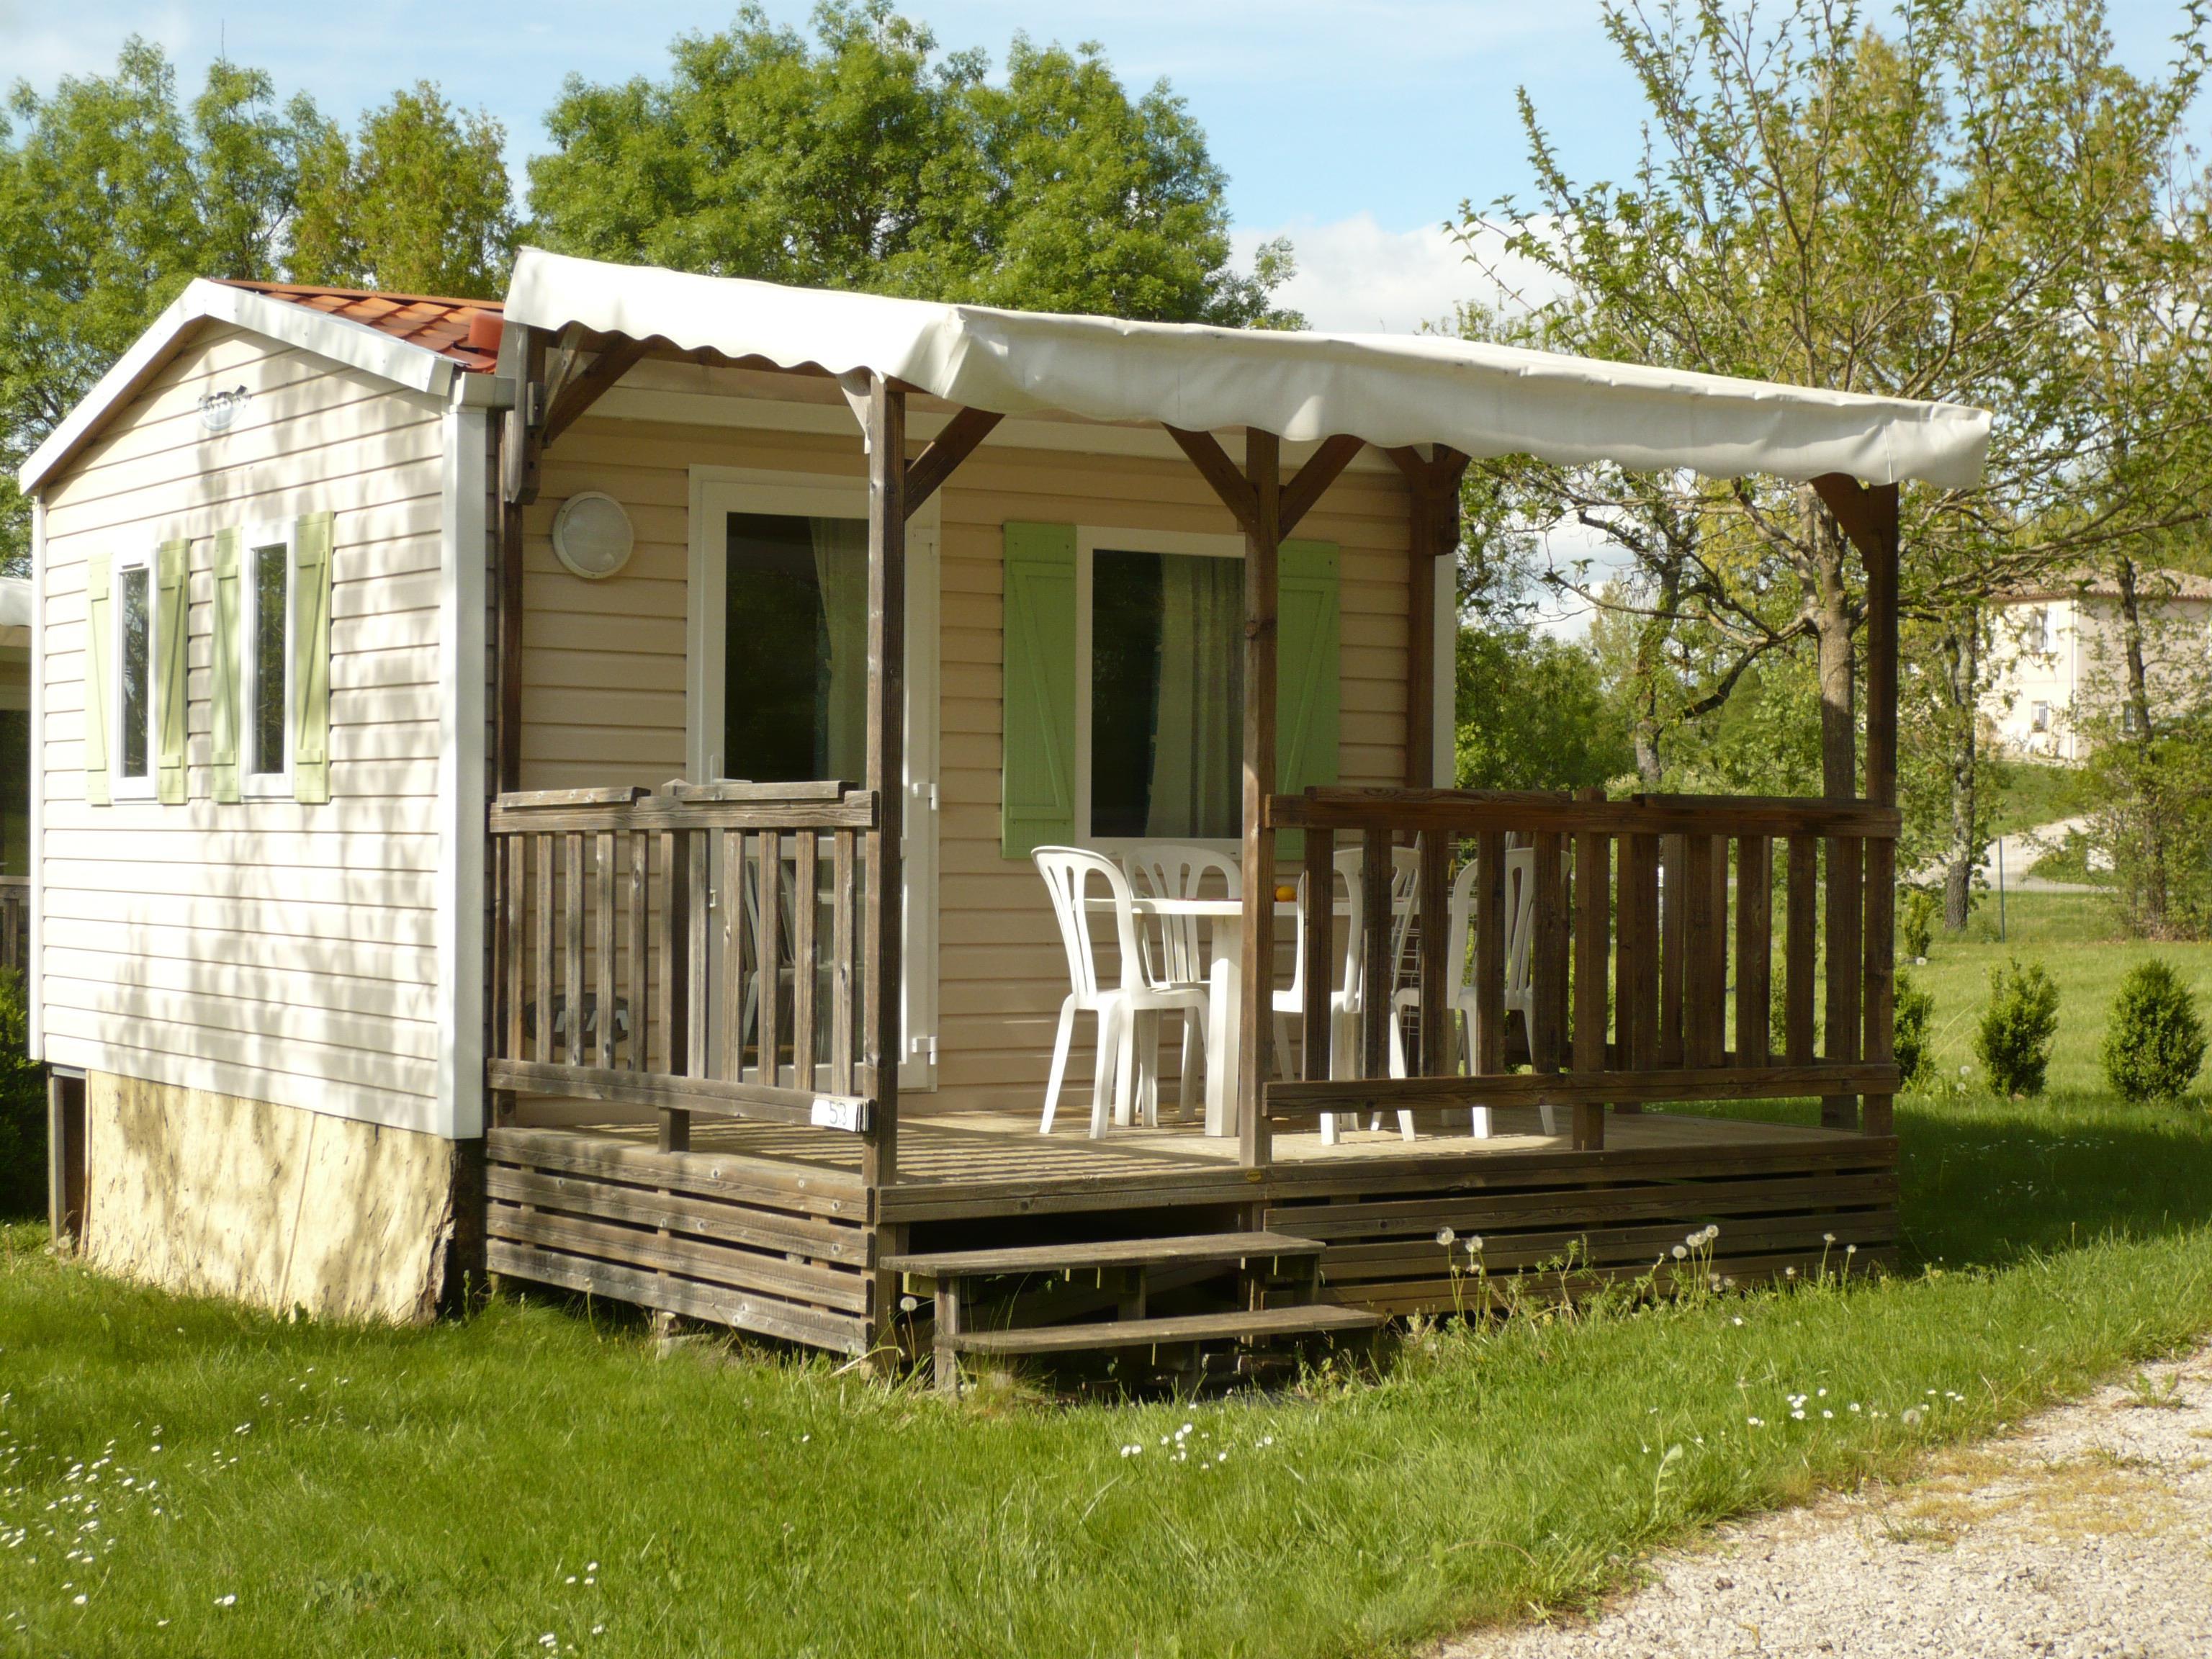 Mobil home 16m² - 1 chambre + terrasse couverte 10m²